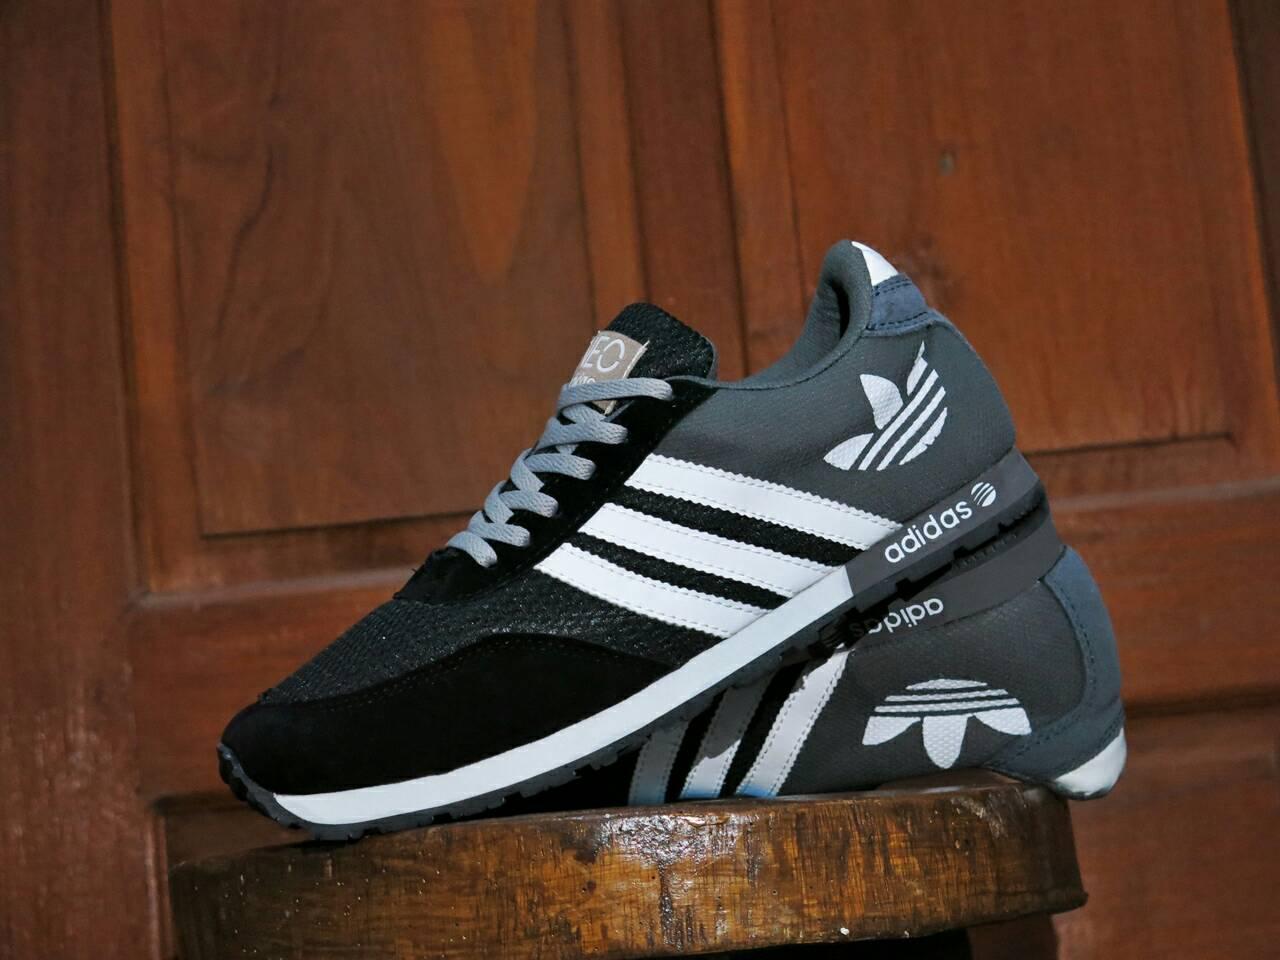 ... hot sepatu sport adidas neo v racer grade ori hitam abu abu . 61e8e  a0c69 8716fcbf47